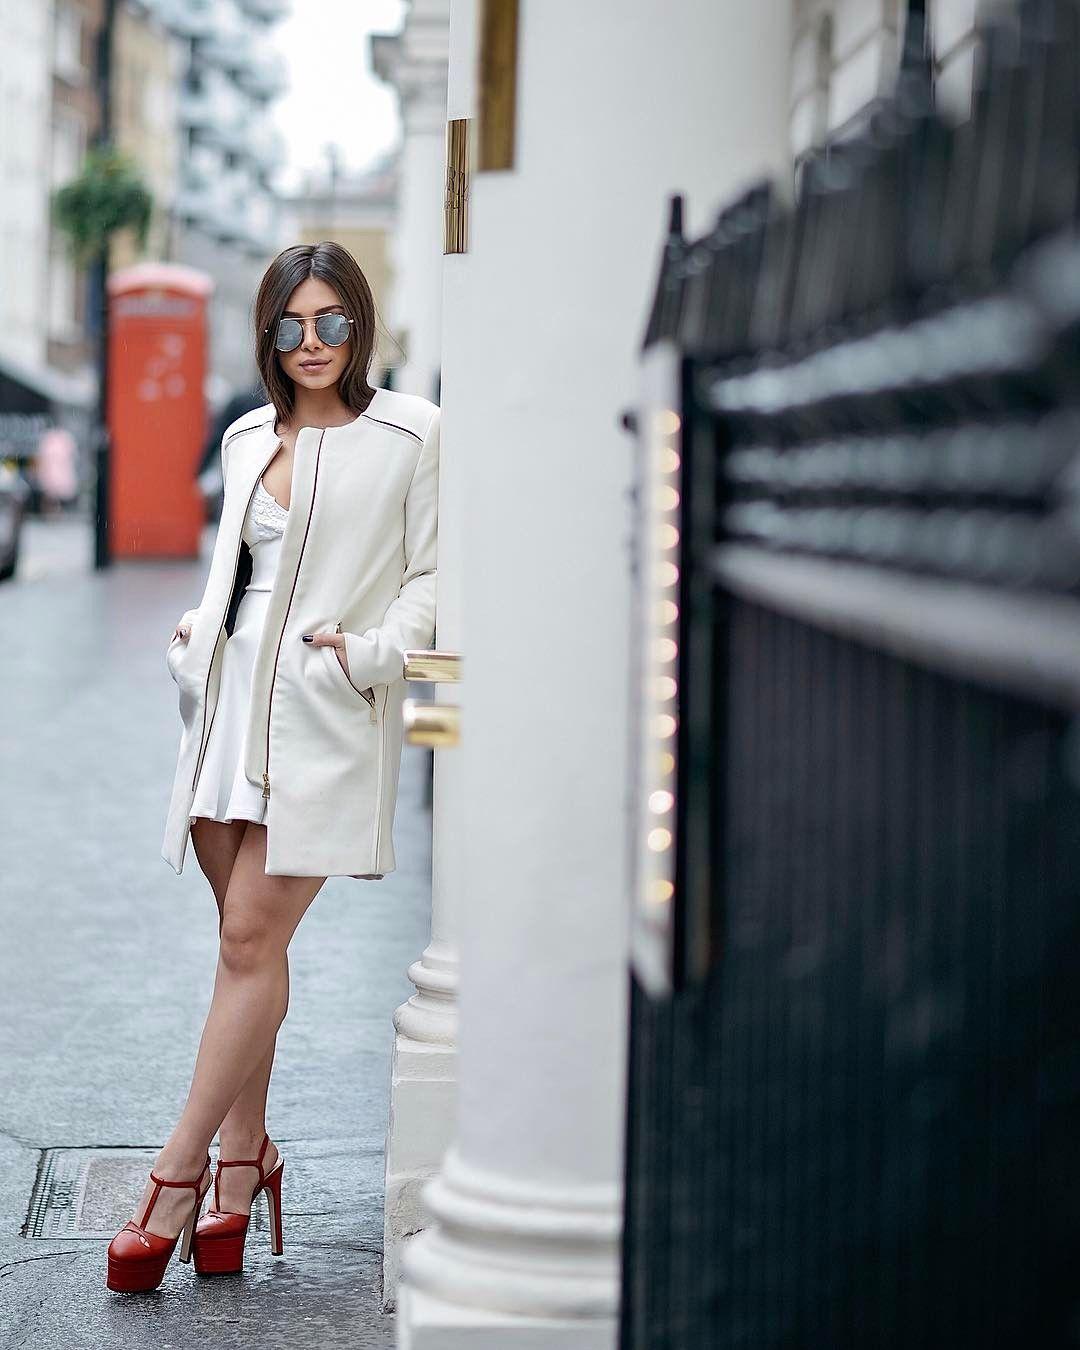 Tendências Da Moda, Asas, Flavia Pavanelli, Looks Femininos, Roupas Tumblr,  Inspiração 6a7b186349